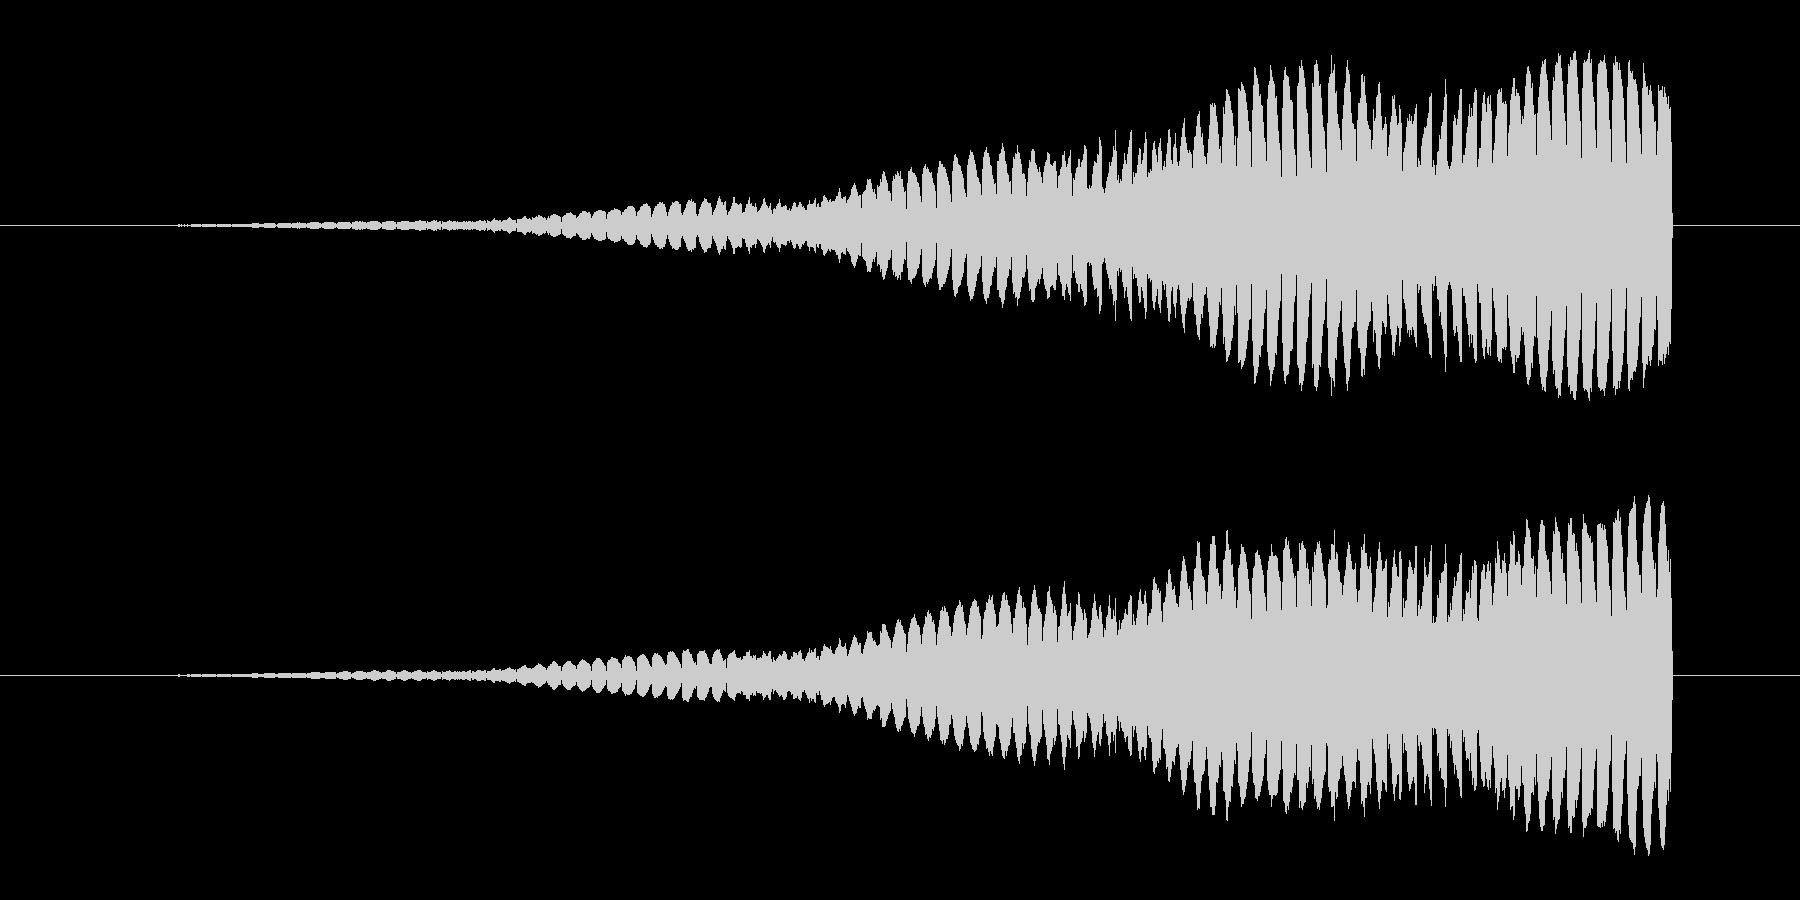 不安を煽る上昇音2の未再生の波形